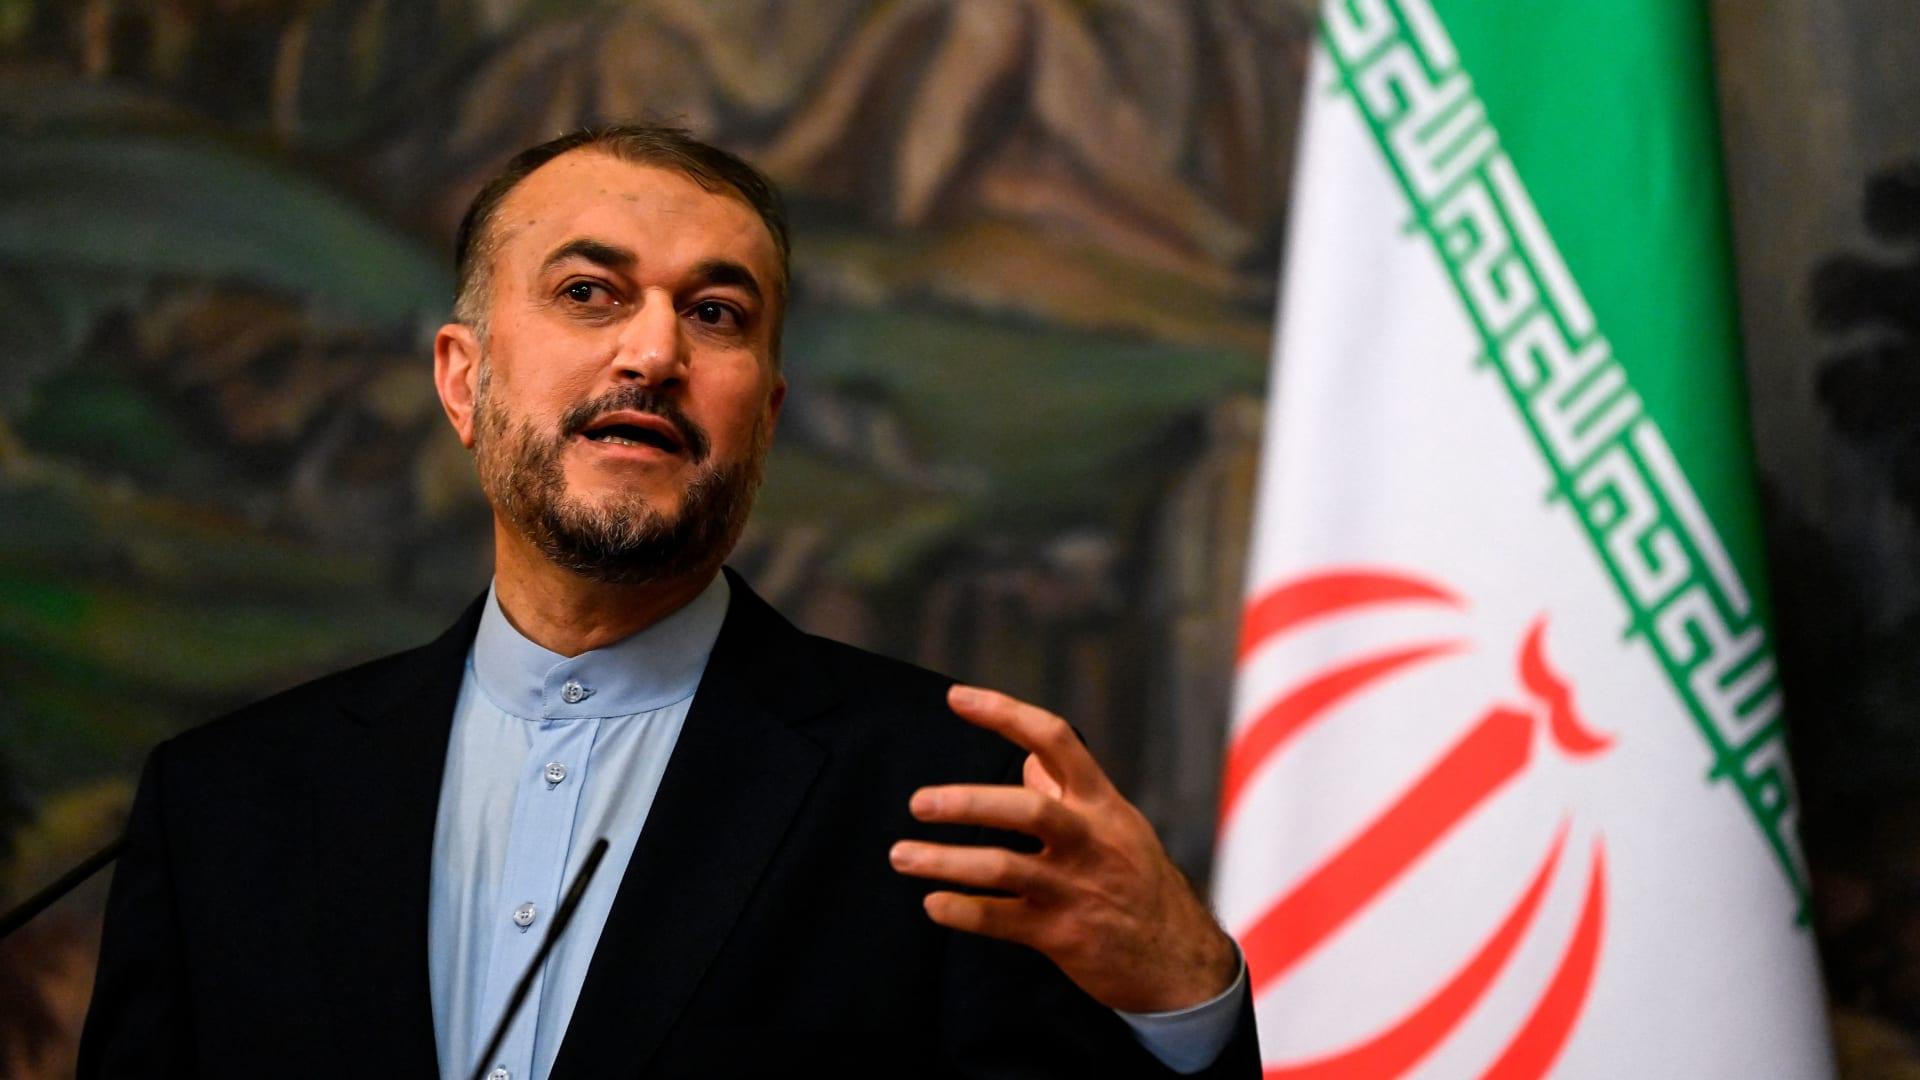 هكذا رد الرئيس العراقي لـCNN على إمكانية عودة العلاقات بين السعودية وإيران